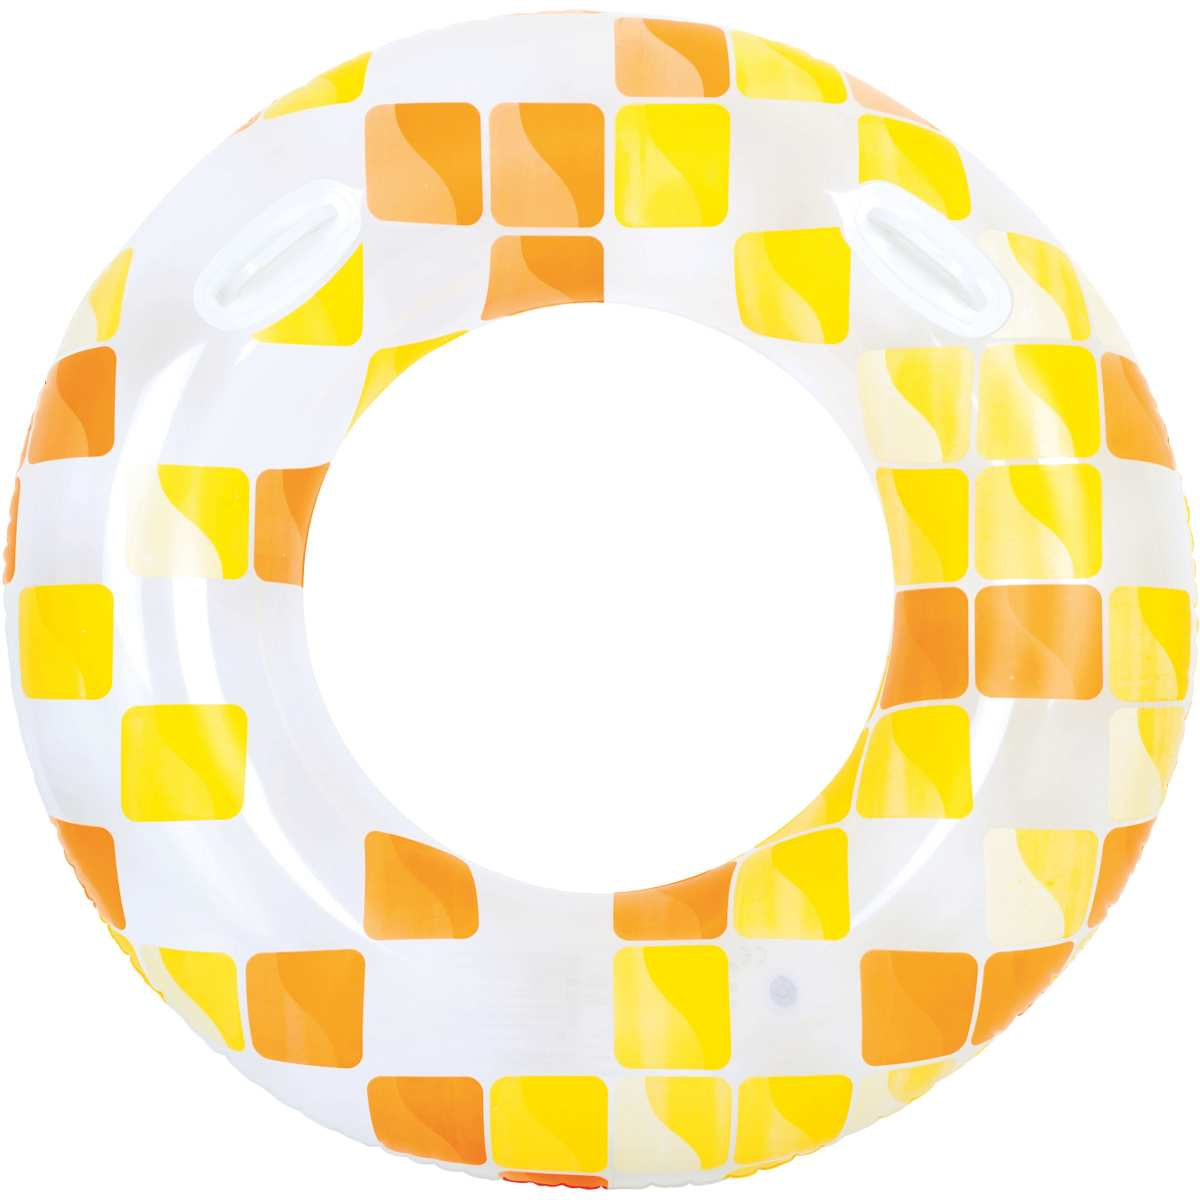 Boia inflável Redonda Mosaico 120 cm